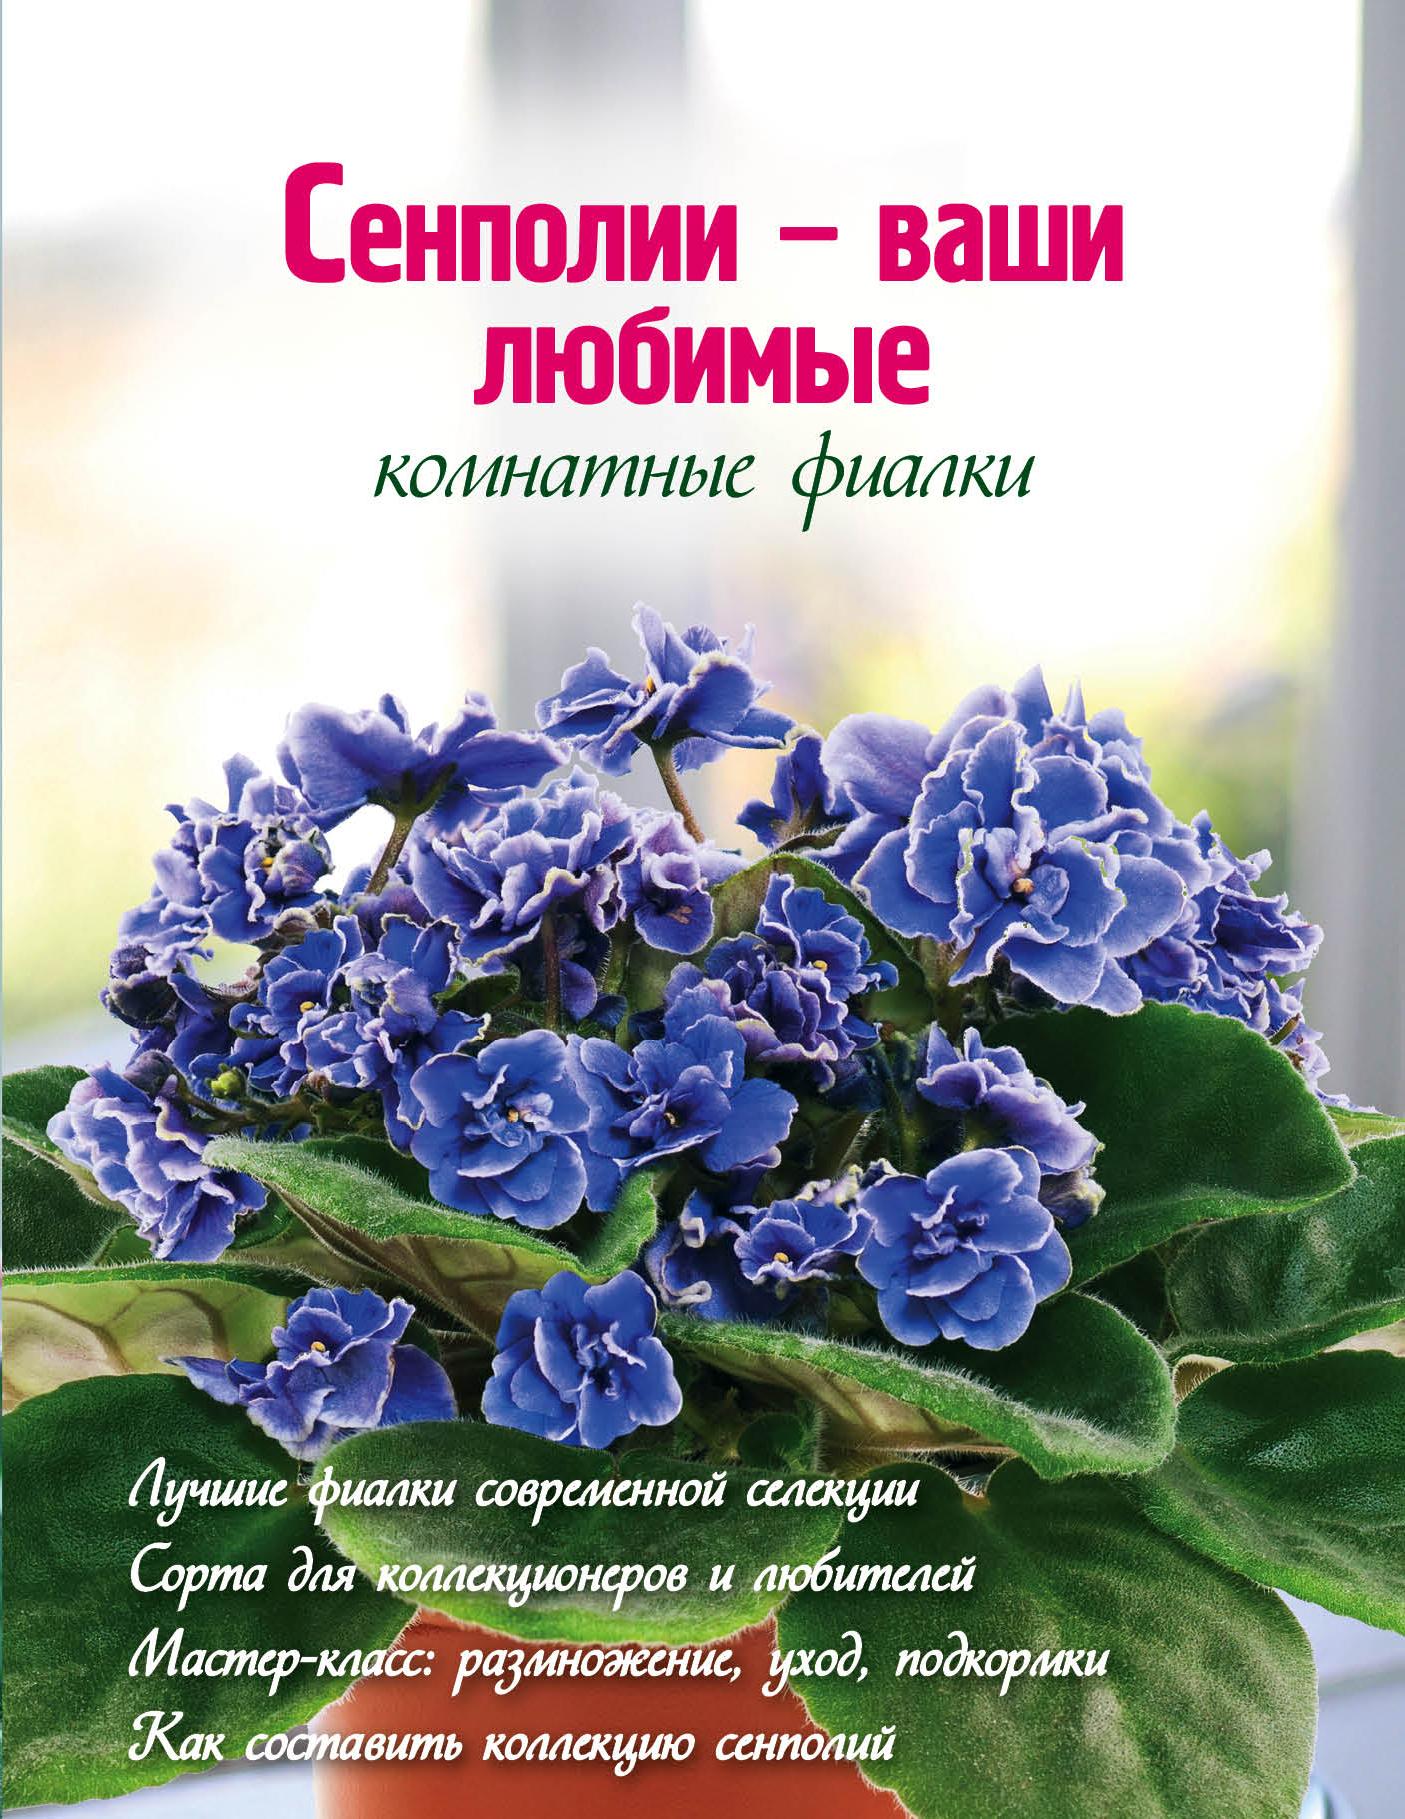 Сенполии - ваши любимые комнатные фиалки (Вырубка. Цветы в саду и на окне (обложка))